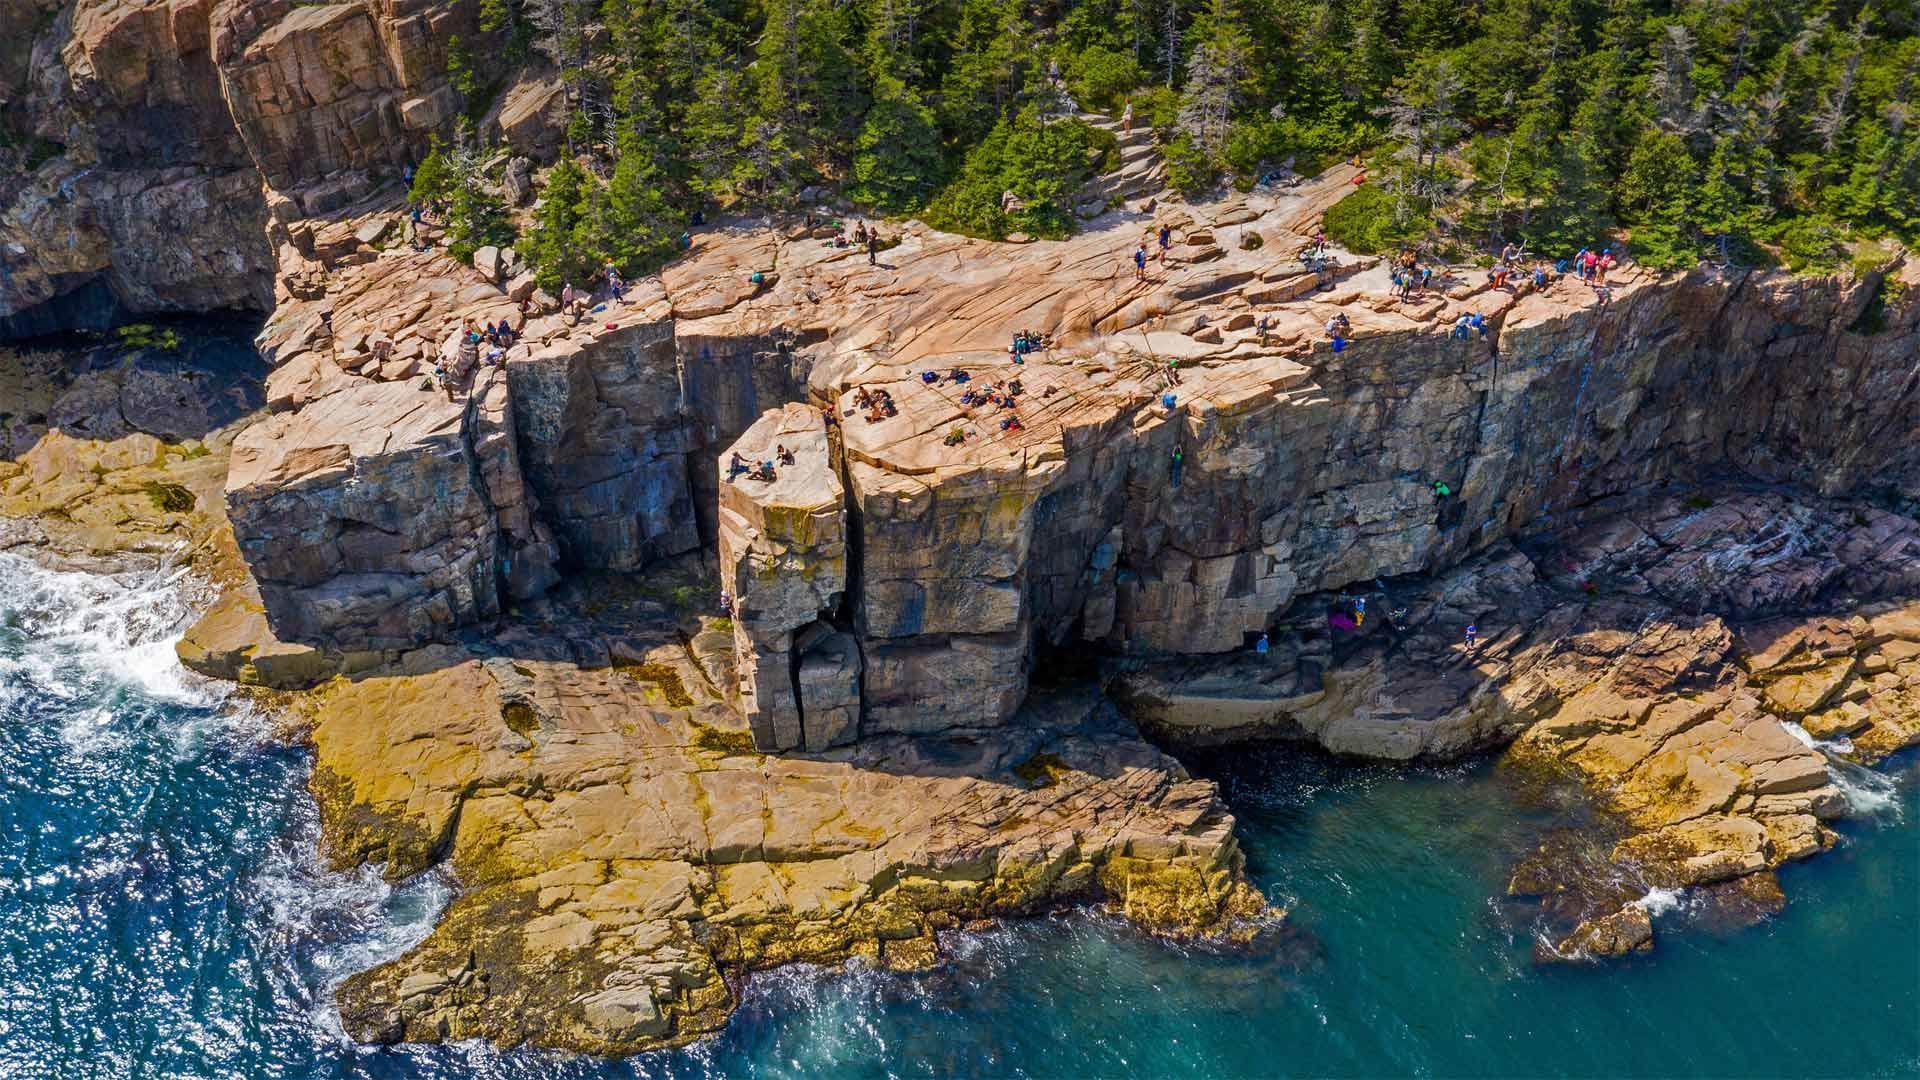 阿卡迪亚国家公园里的水獭悬崖阿卡迪亚国家公园